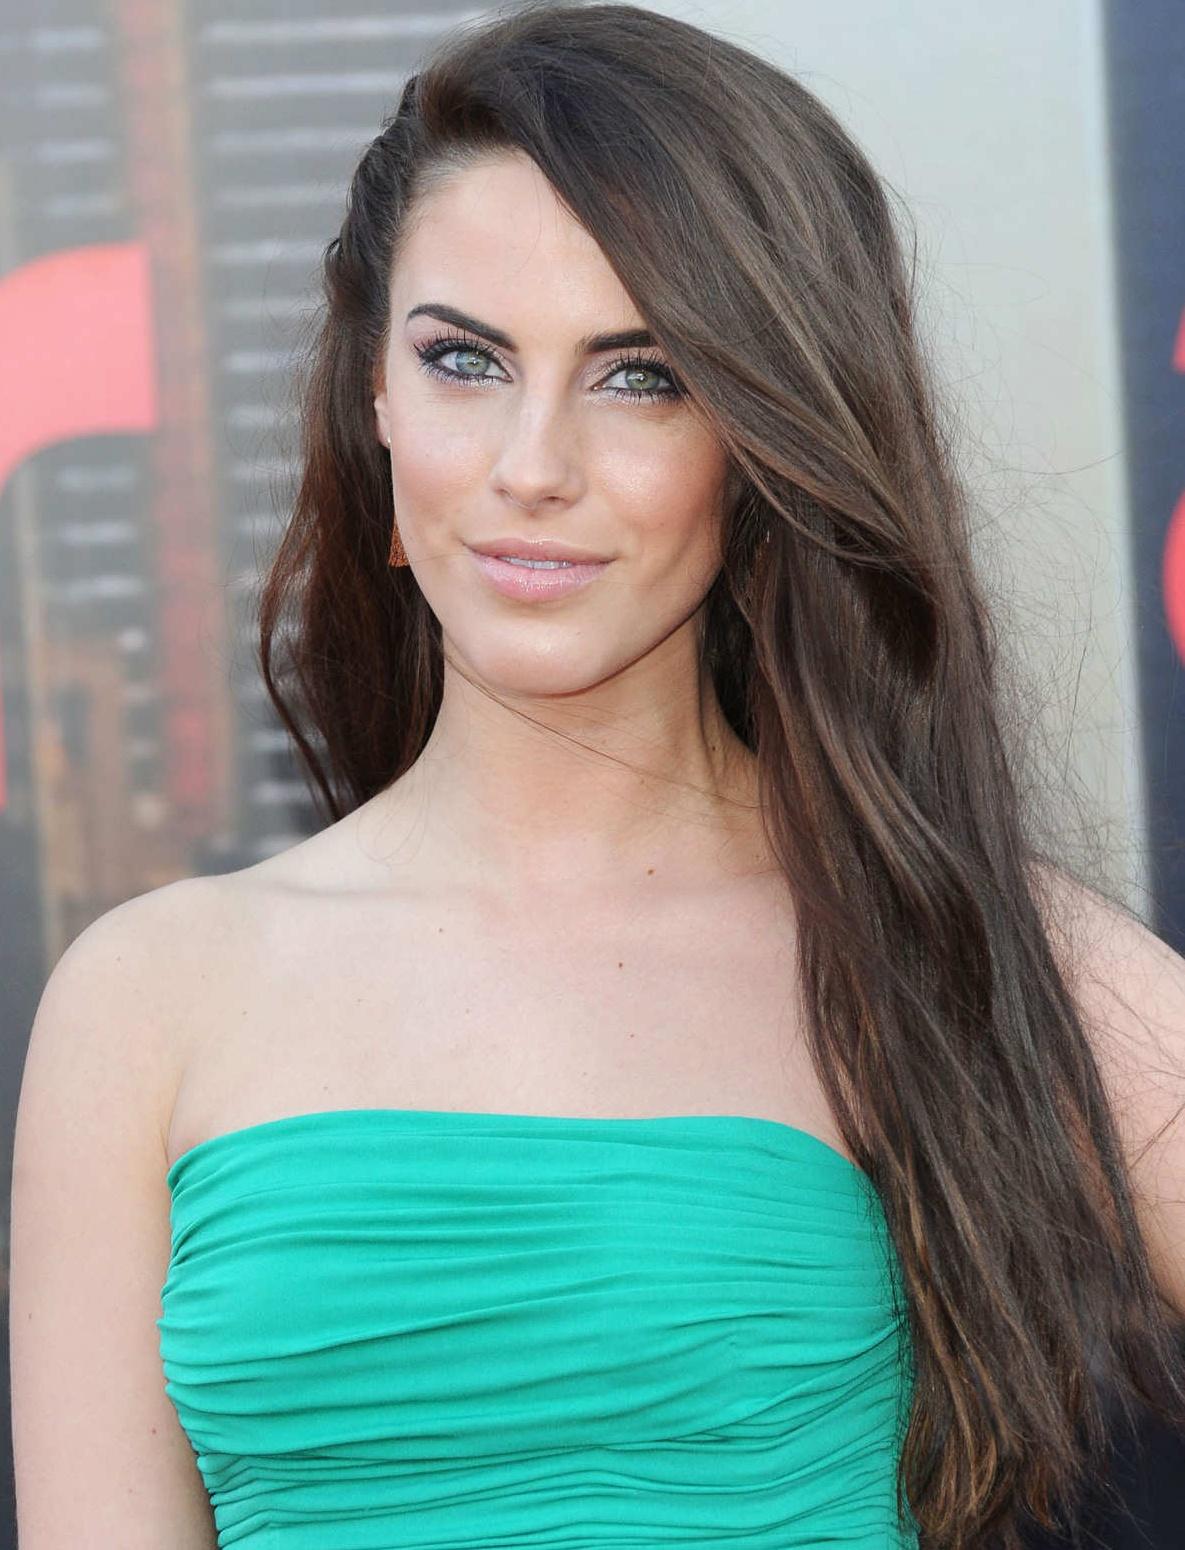 http://3.bp.blogspot.com/-QKuhypK6yDs/TmJV-b51bFI/AAAAAAAAD9I/fCLtkLlDlyk/s1600/Jessica_Lowndes_Hot_4.jpg